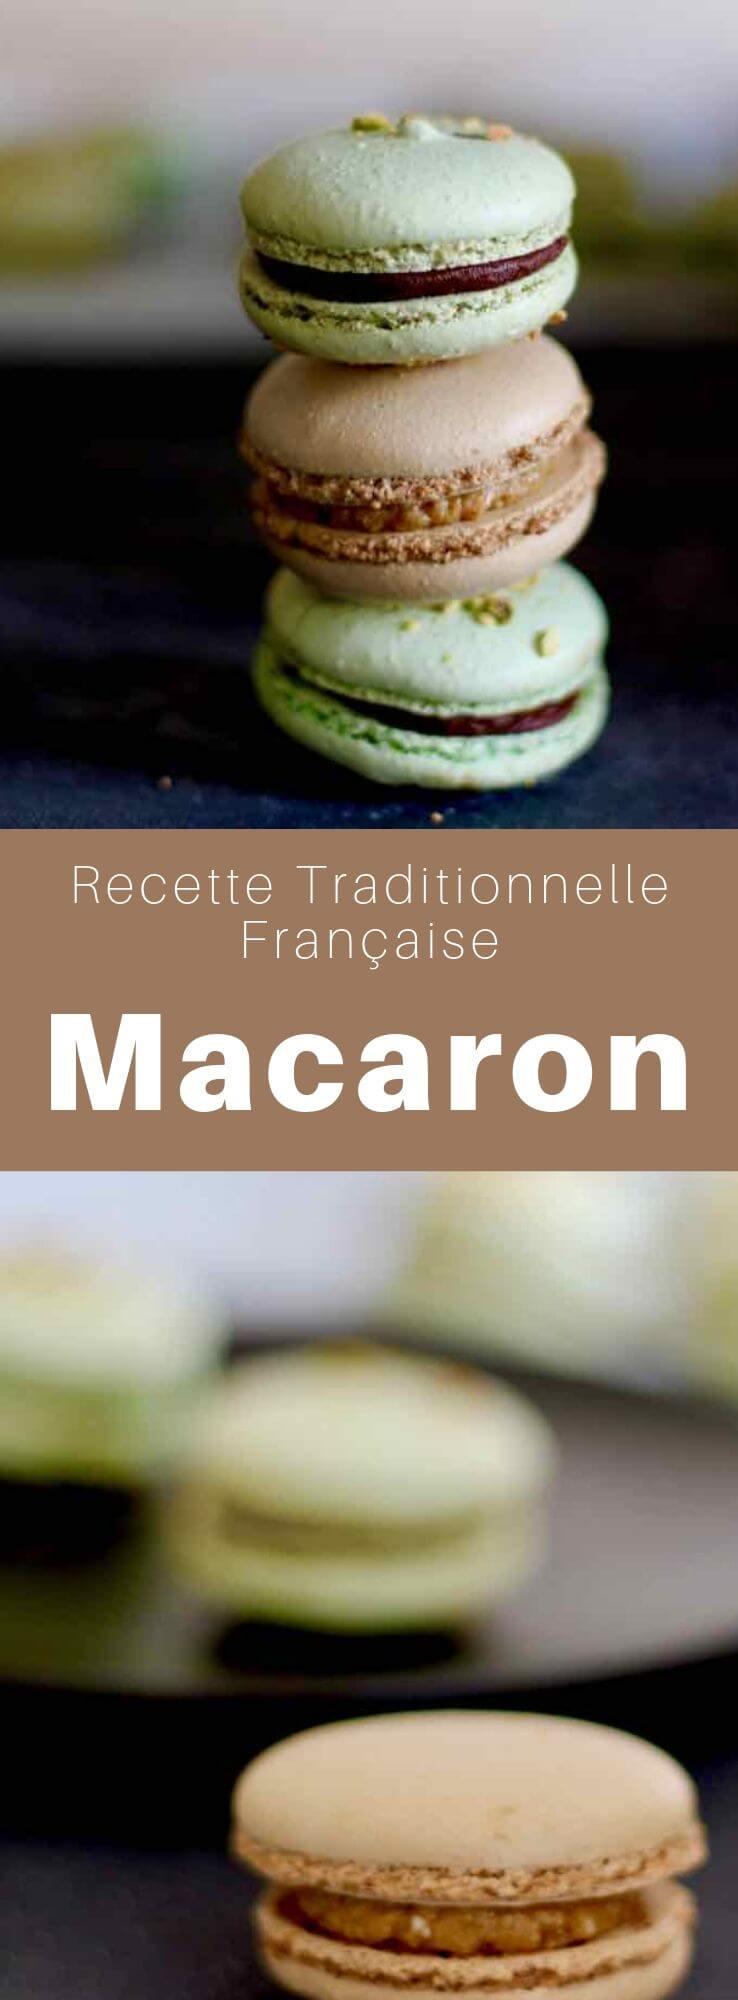 Le macaron, dit macaron parisien, est un petit gâteau à l'amande, granuleux et moelleux, un pillier de la pâtisserie française. #France #RecetteFrancaise #CuisineFrancaise #PatisserieFrancaise #CuisineDuMonde #196flavors